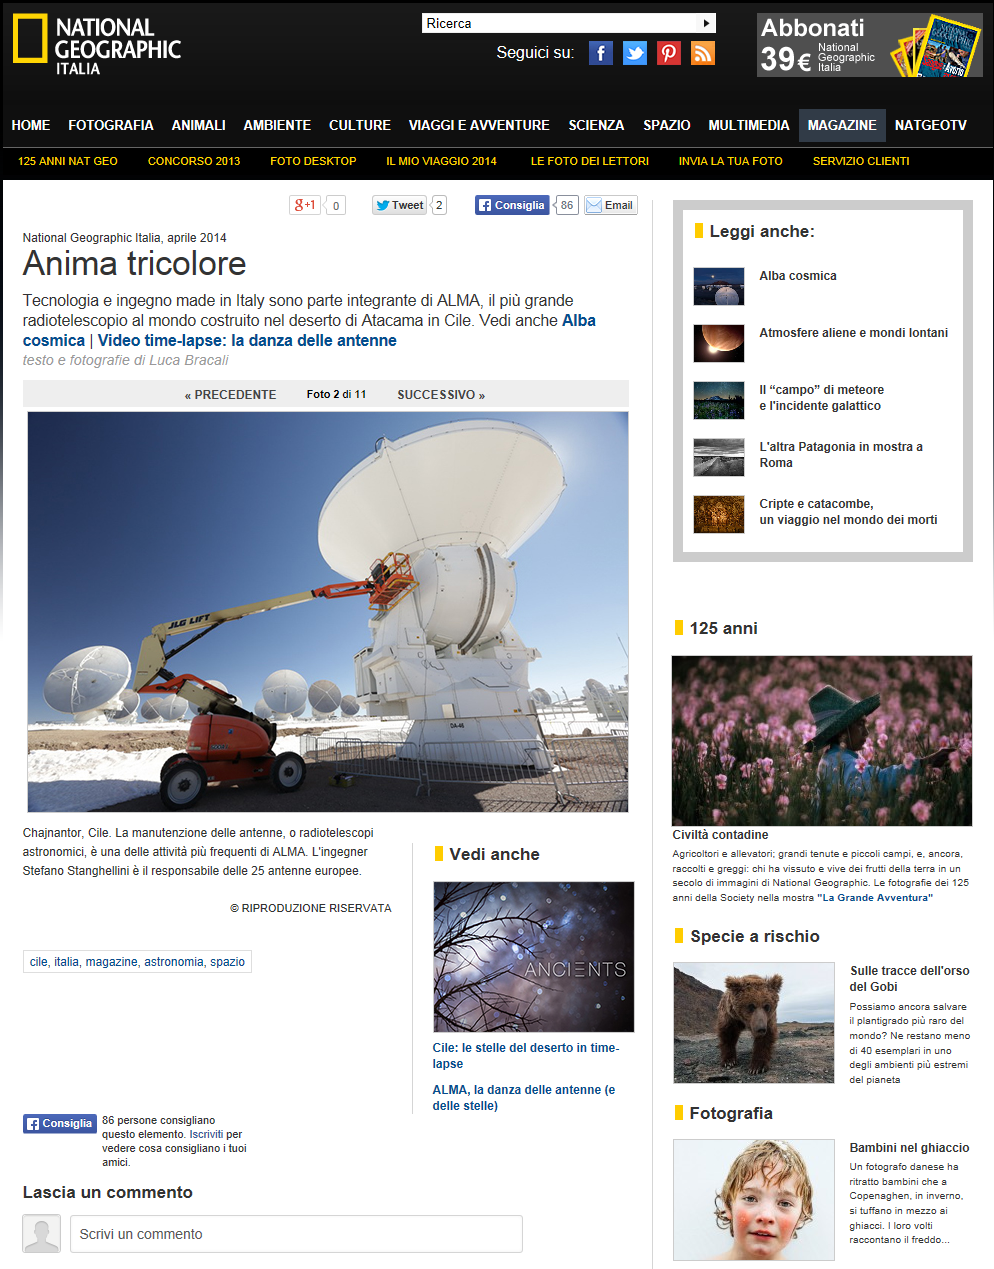 _Foto Anima tricolore – 2 di 11 – National Geographic